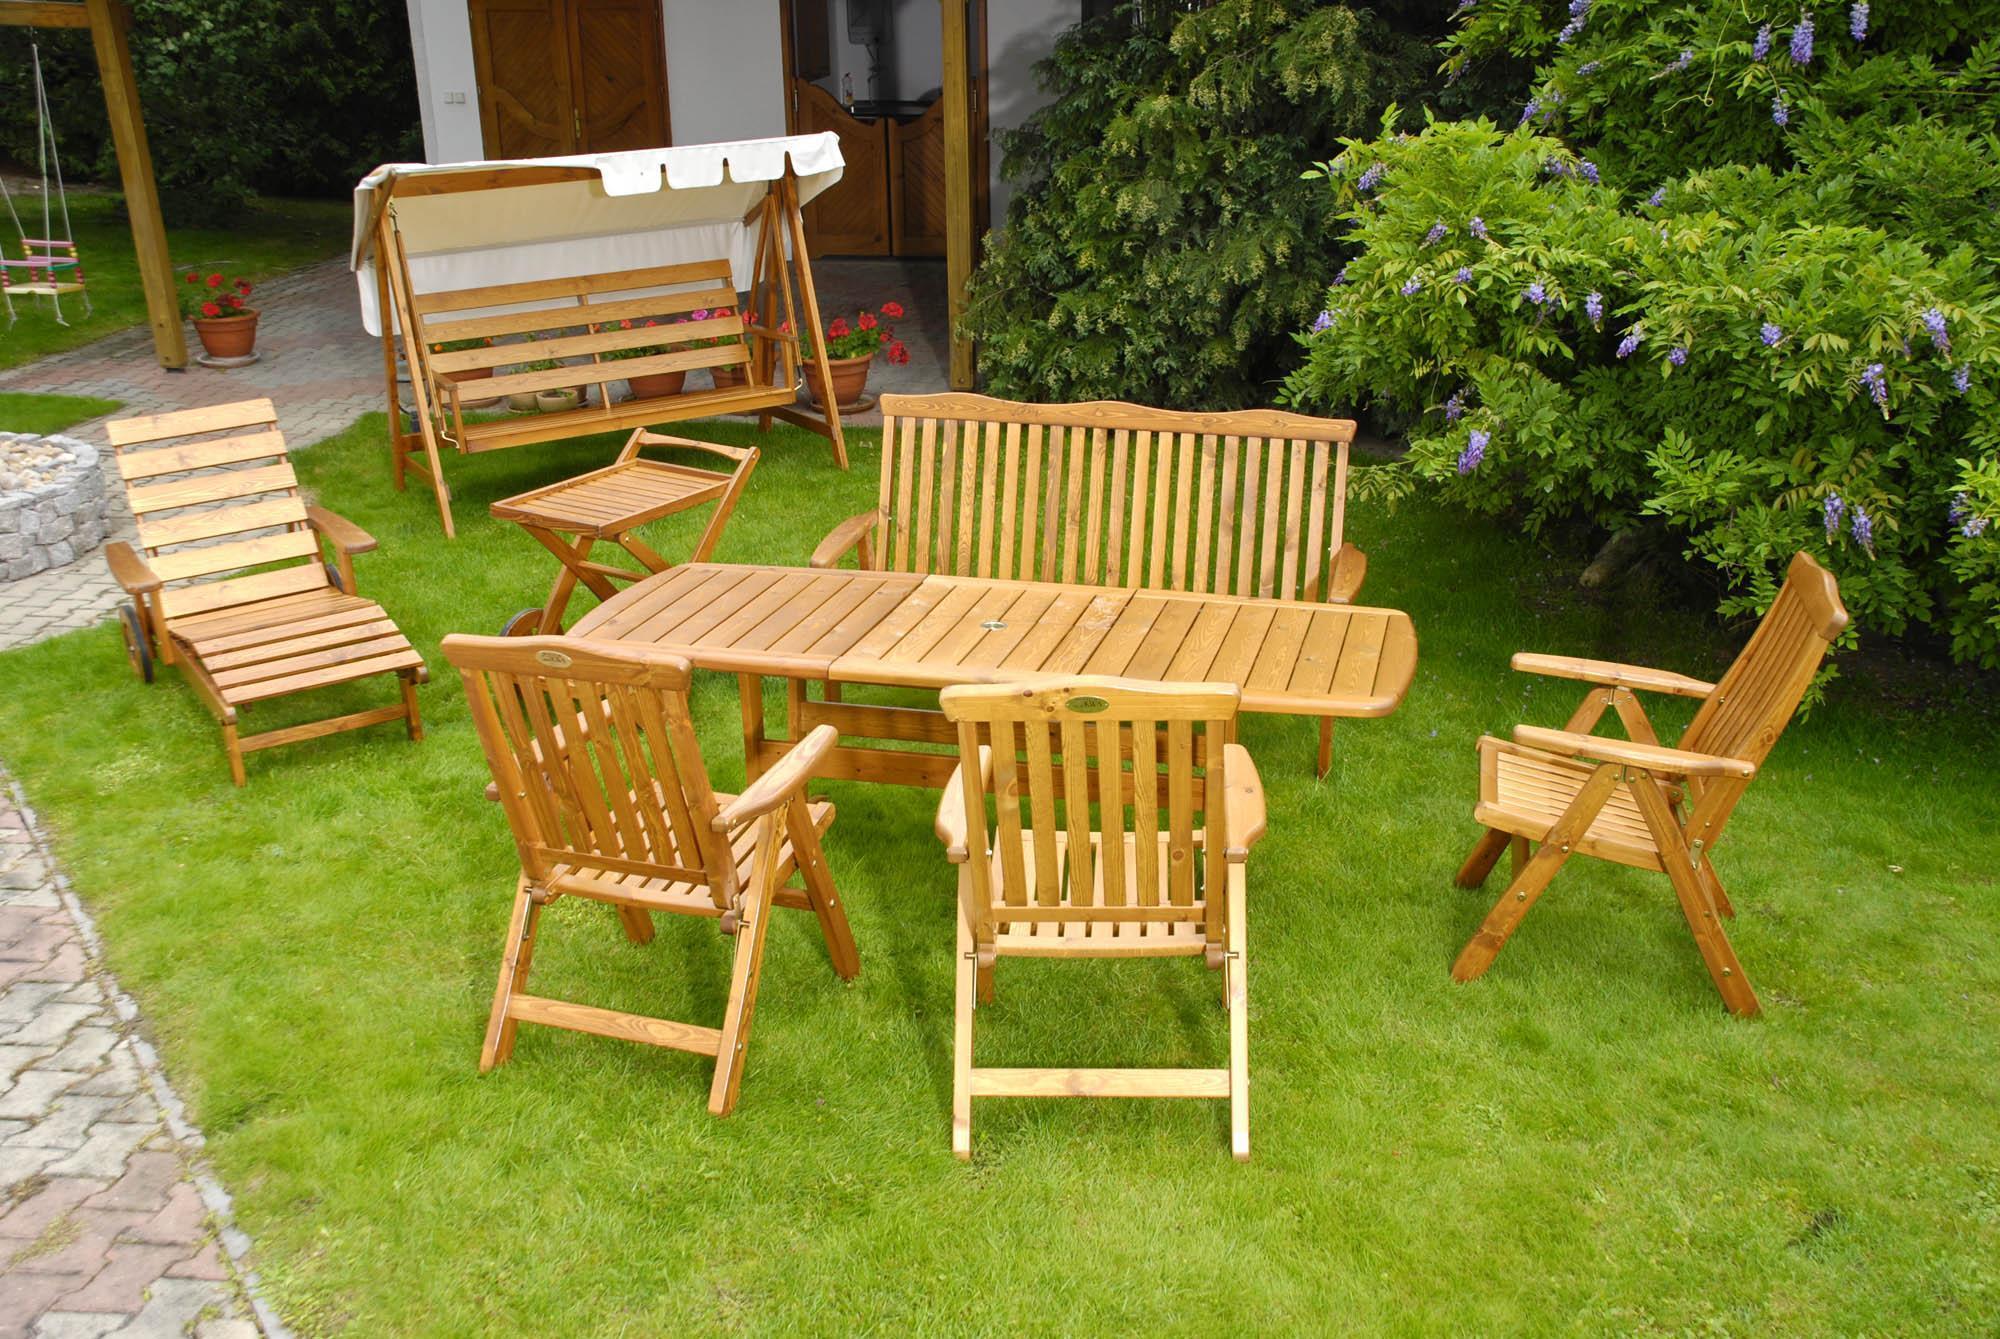 Как сделать садовую мебель своими руками: преимущества